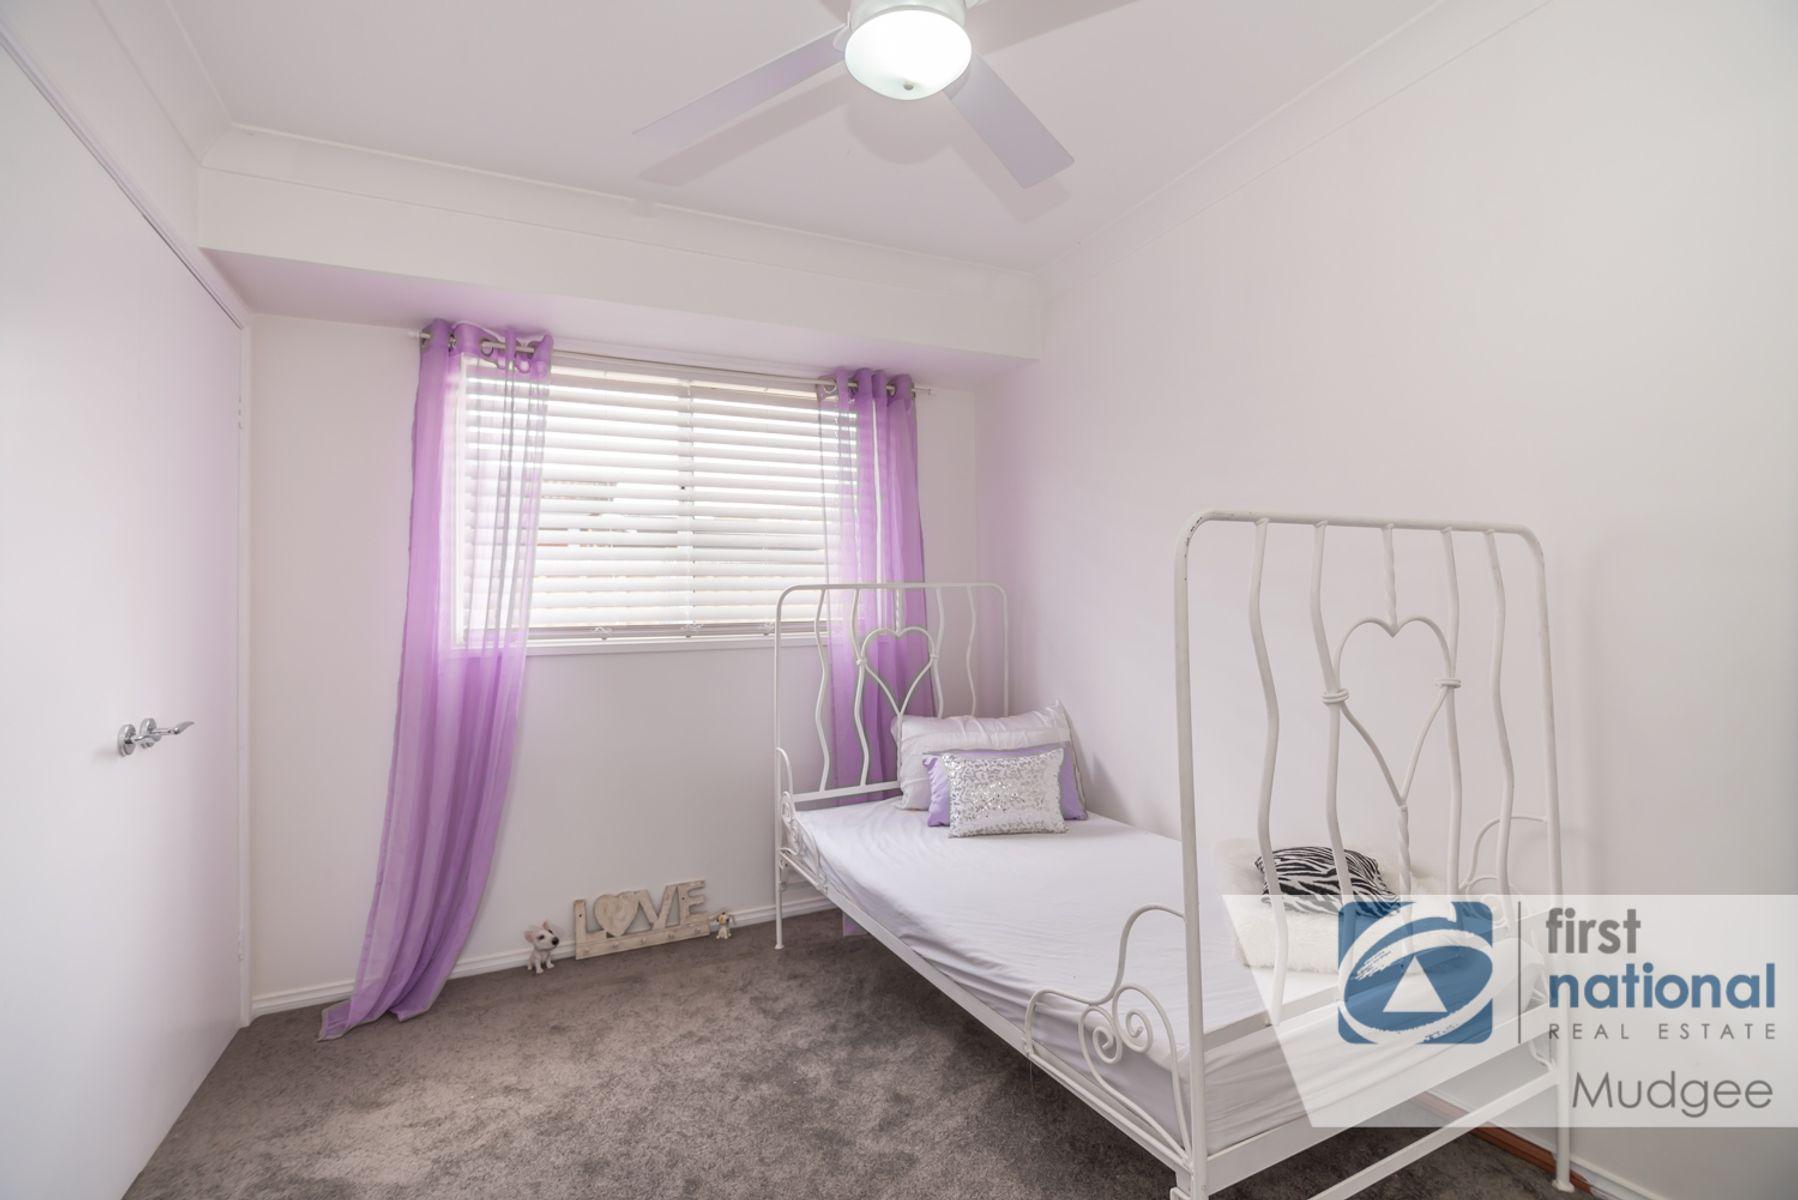 171 Denison Street, Mudgee, NSW 2850